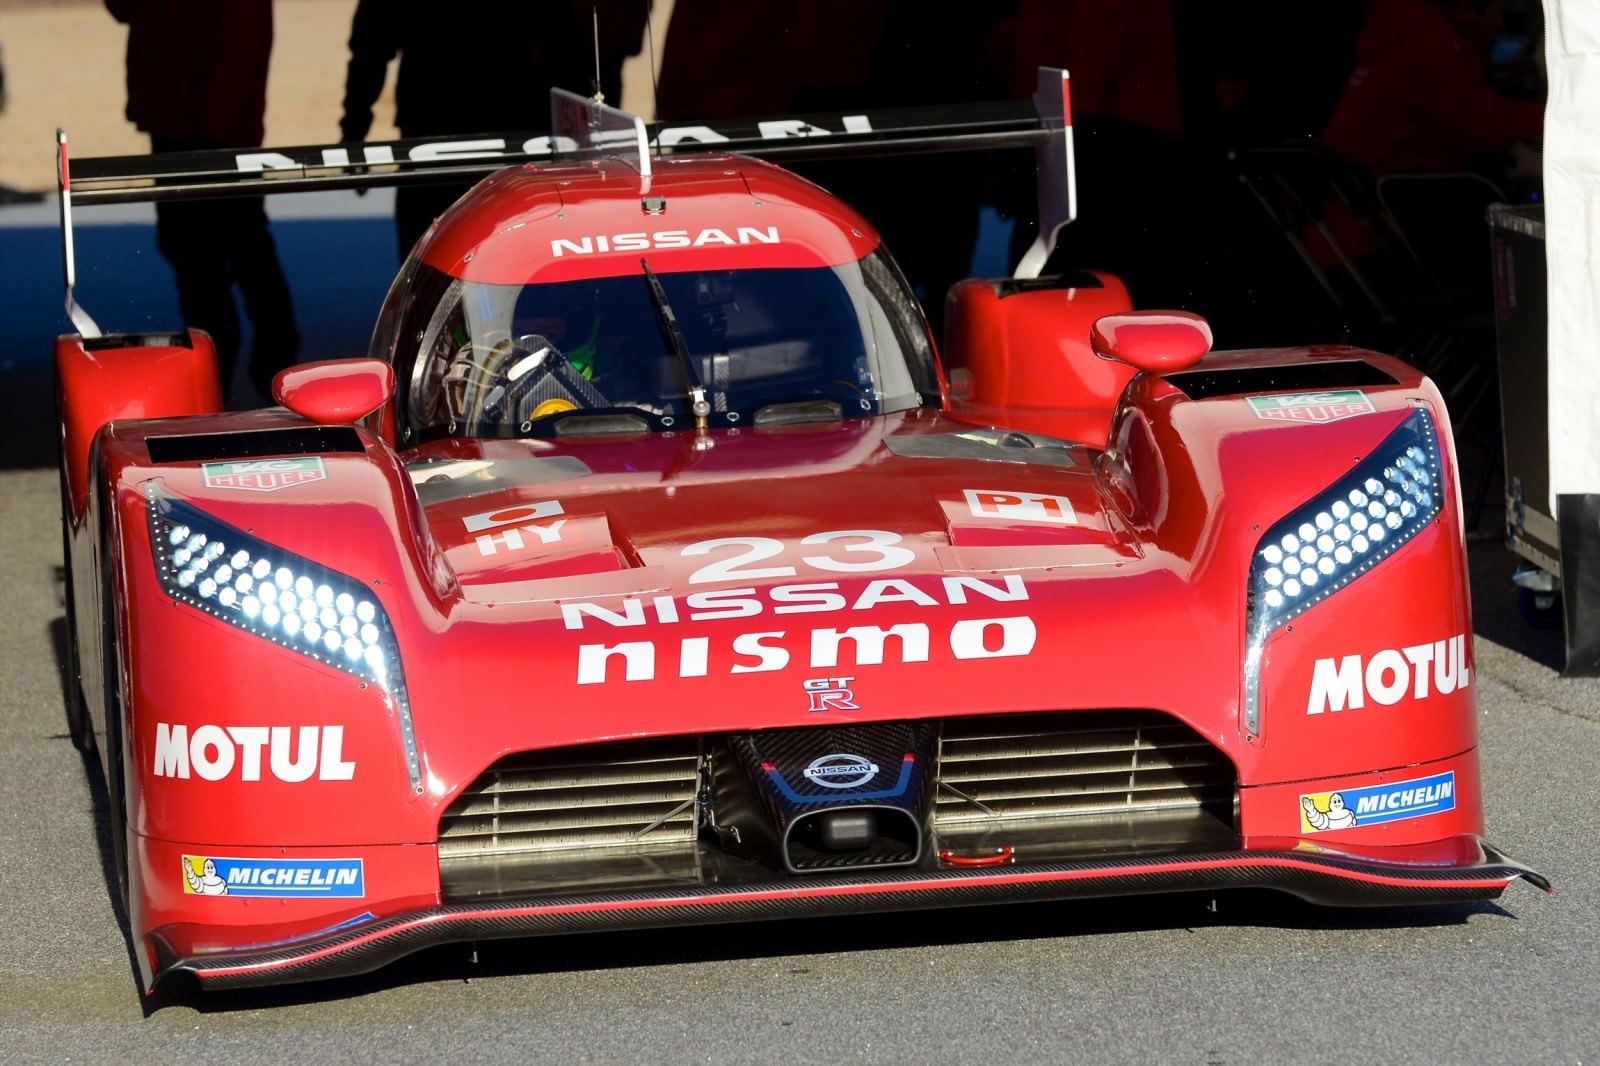 2019 Nissan GT R LM Nismo Racecar | Car Photos Catalog 2019